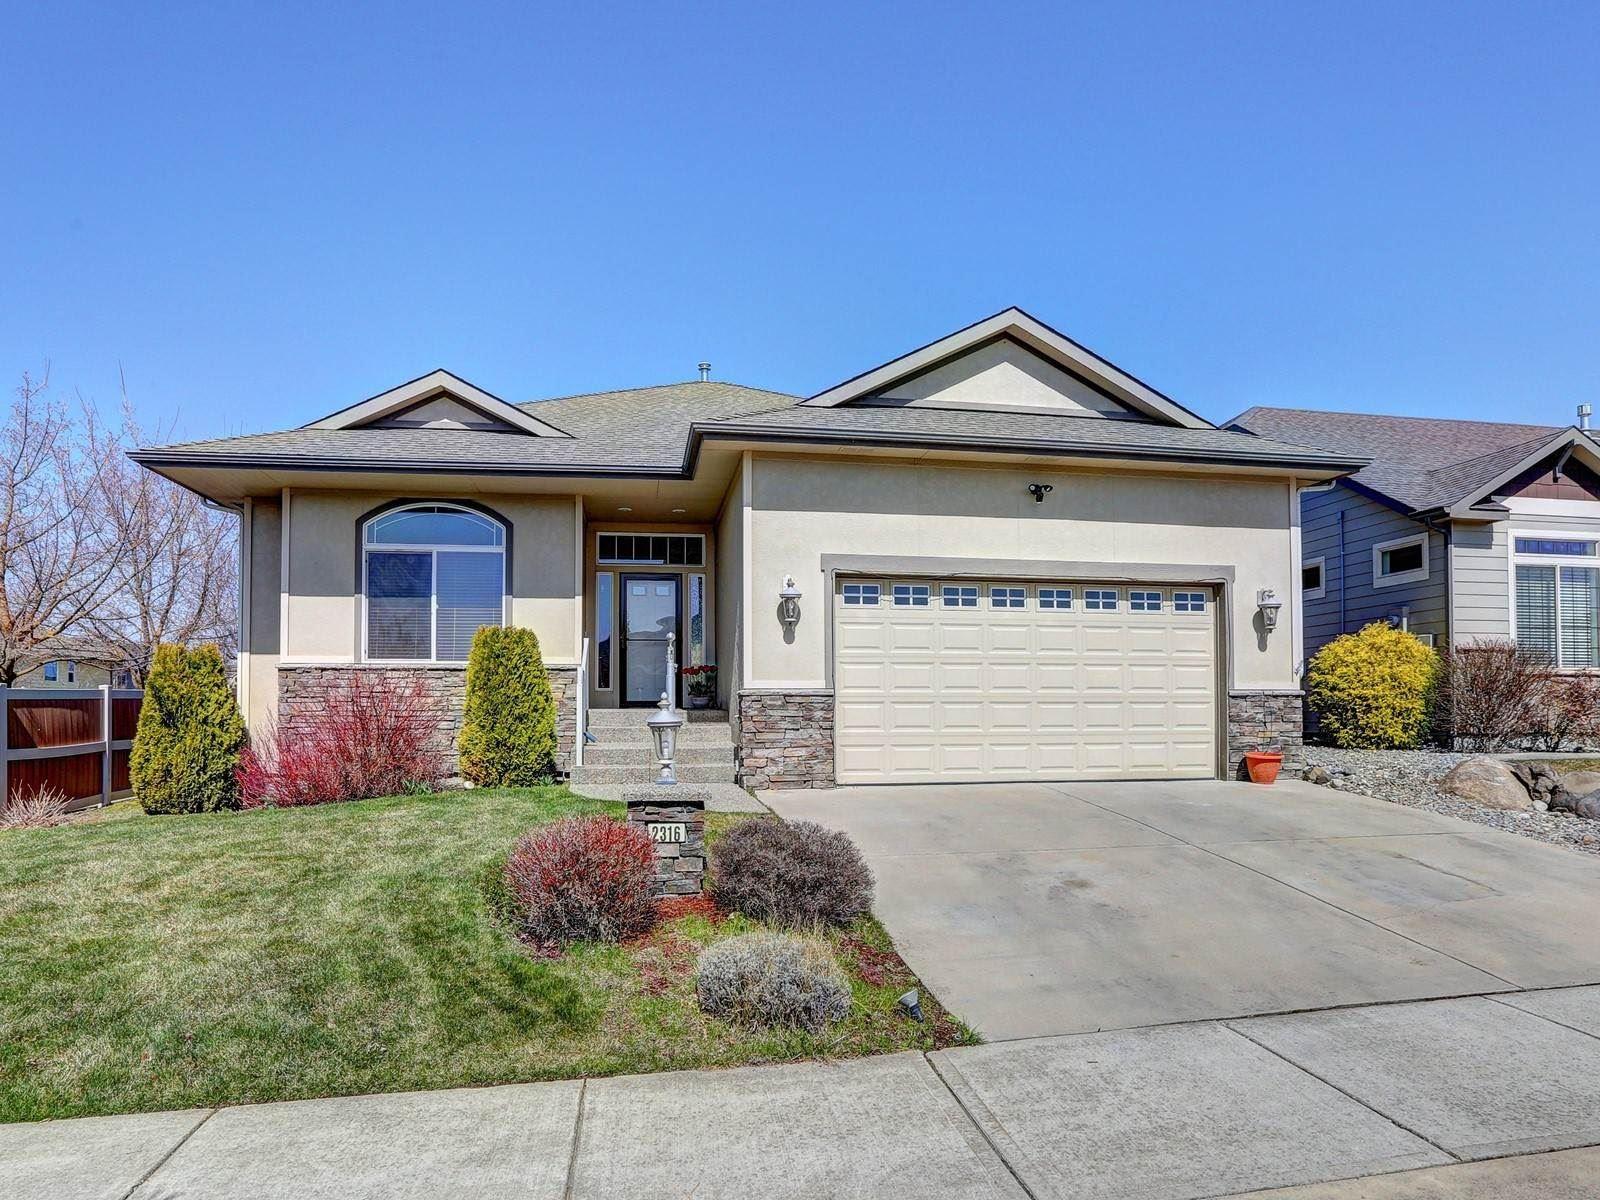 2316 W Chadwick Ln, Spokane, WA 99208 - #: 202113658